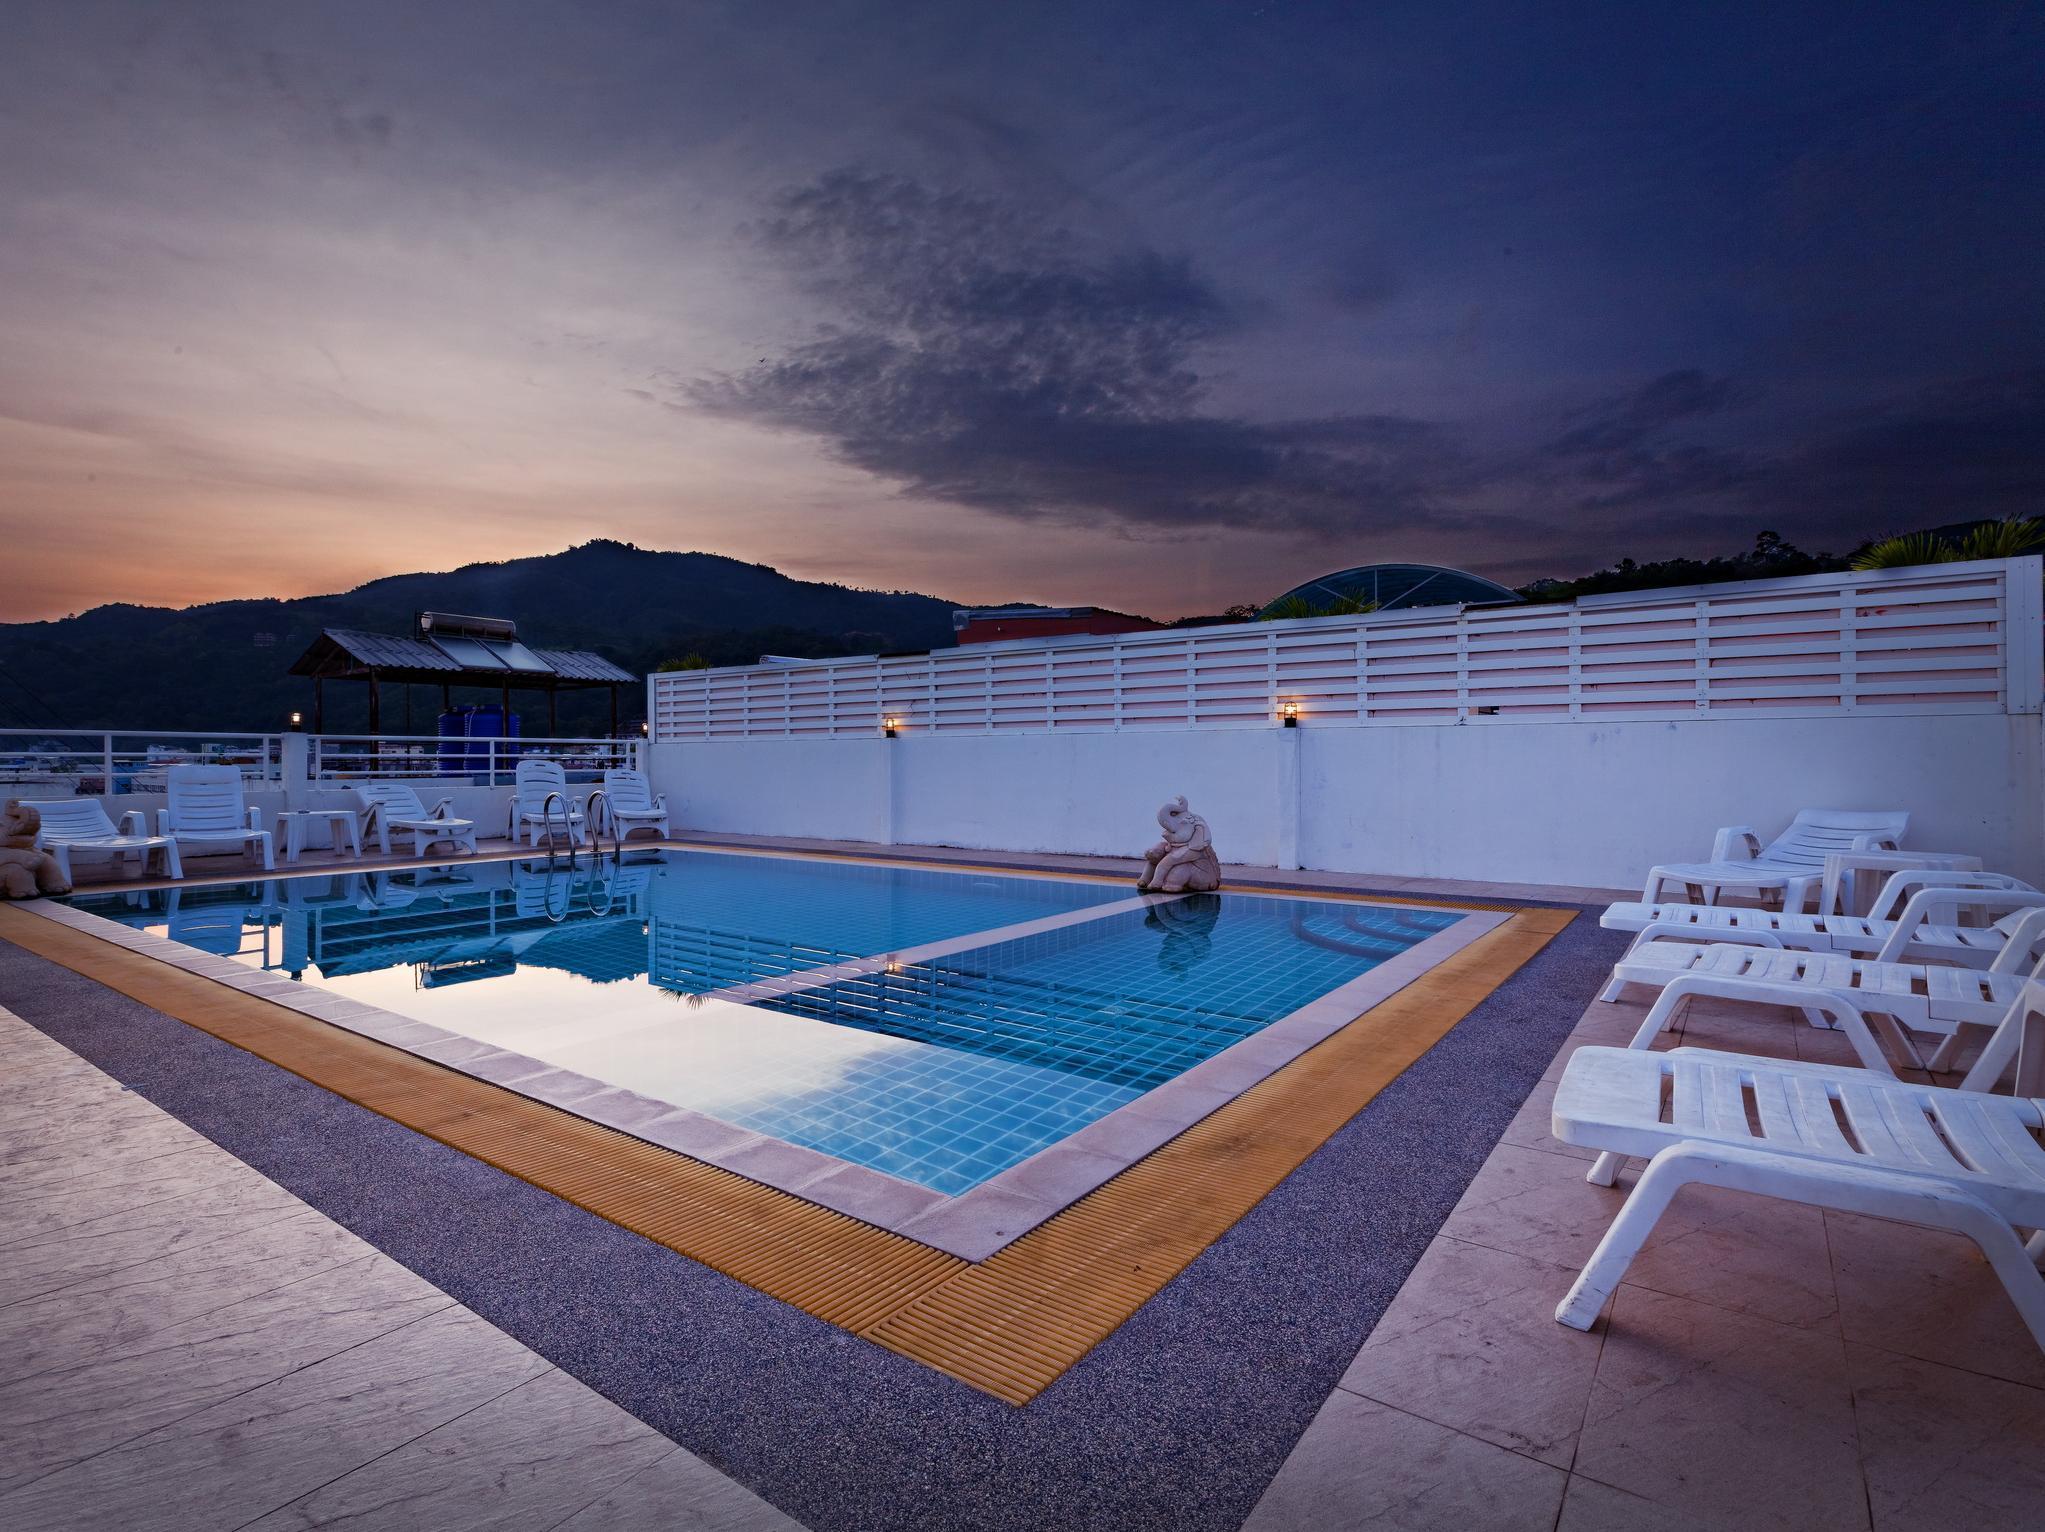 Hotell Garden Phuket Hotel i Patong, Phuket. Klicka för att läsa mer och skicka bokningsförfrågan